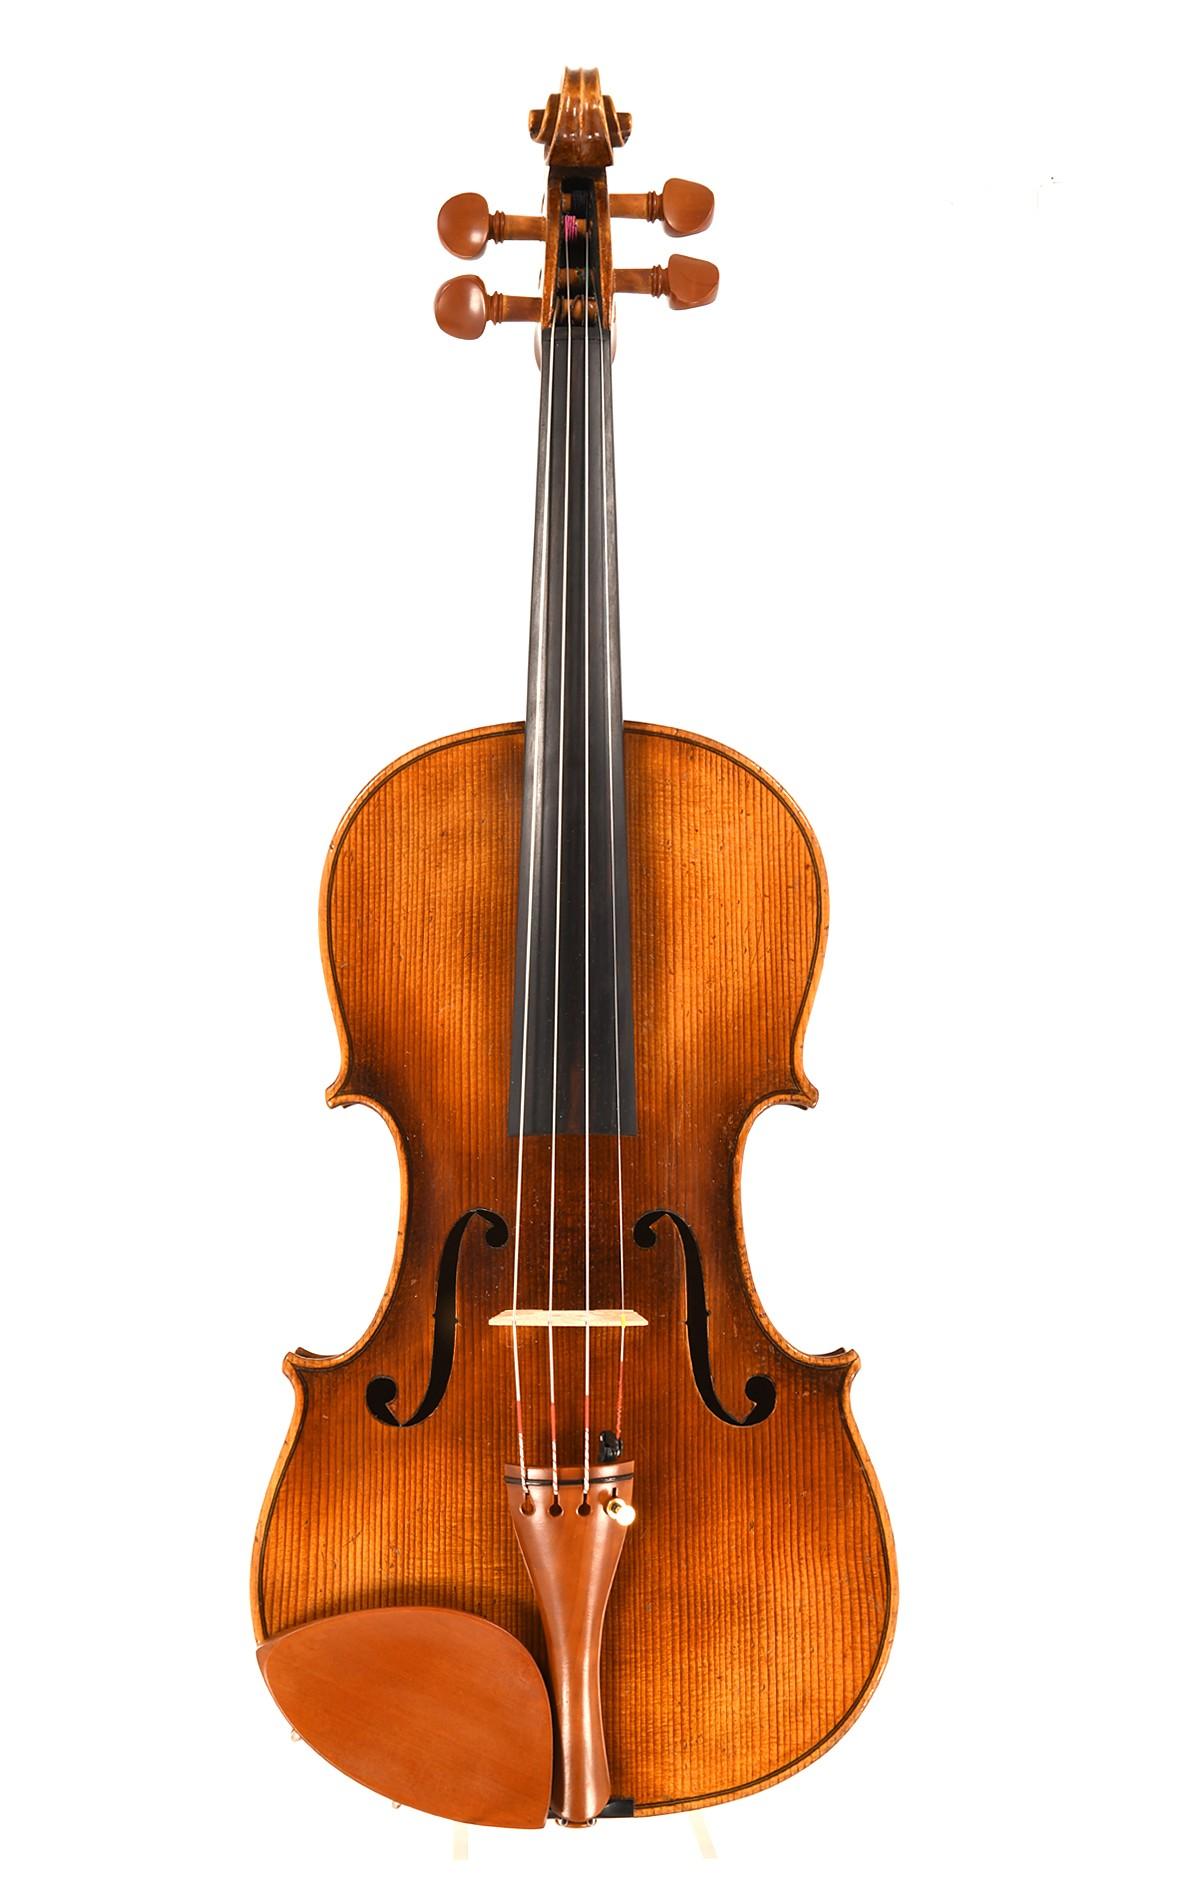 1910'er Jahre, deutsche Markneukirchener Geige nach Stradivari